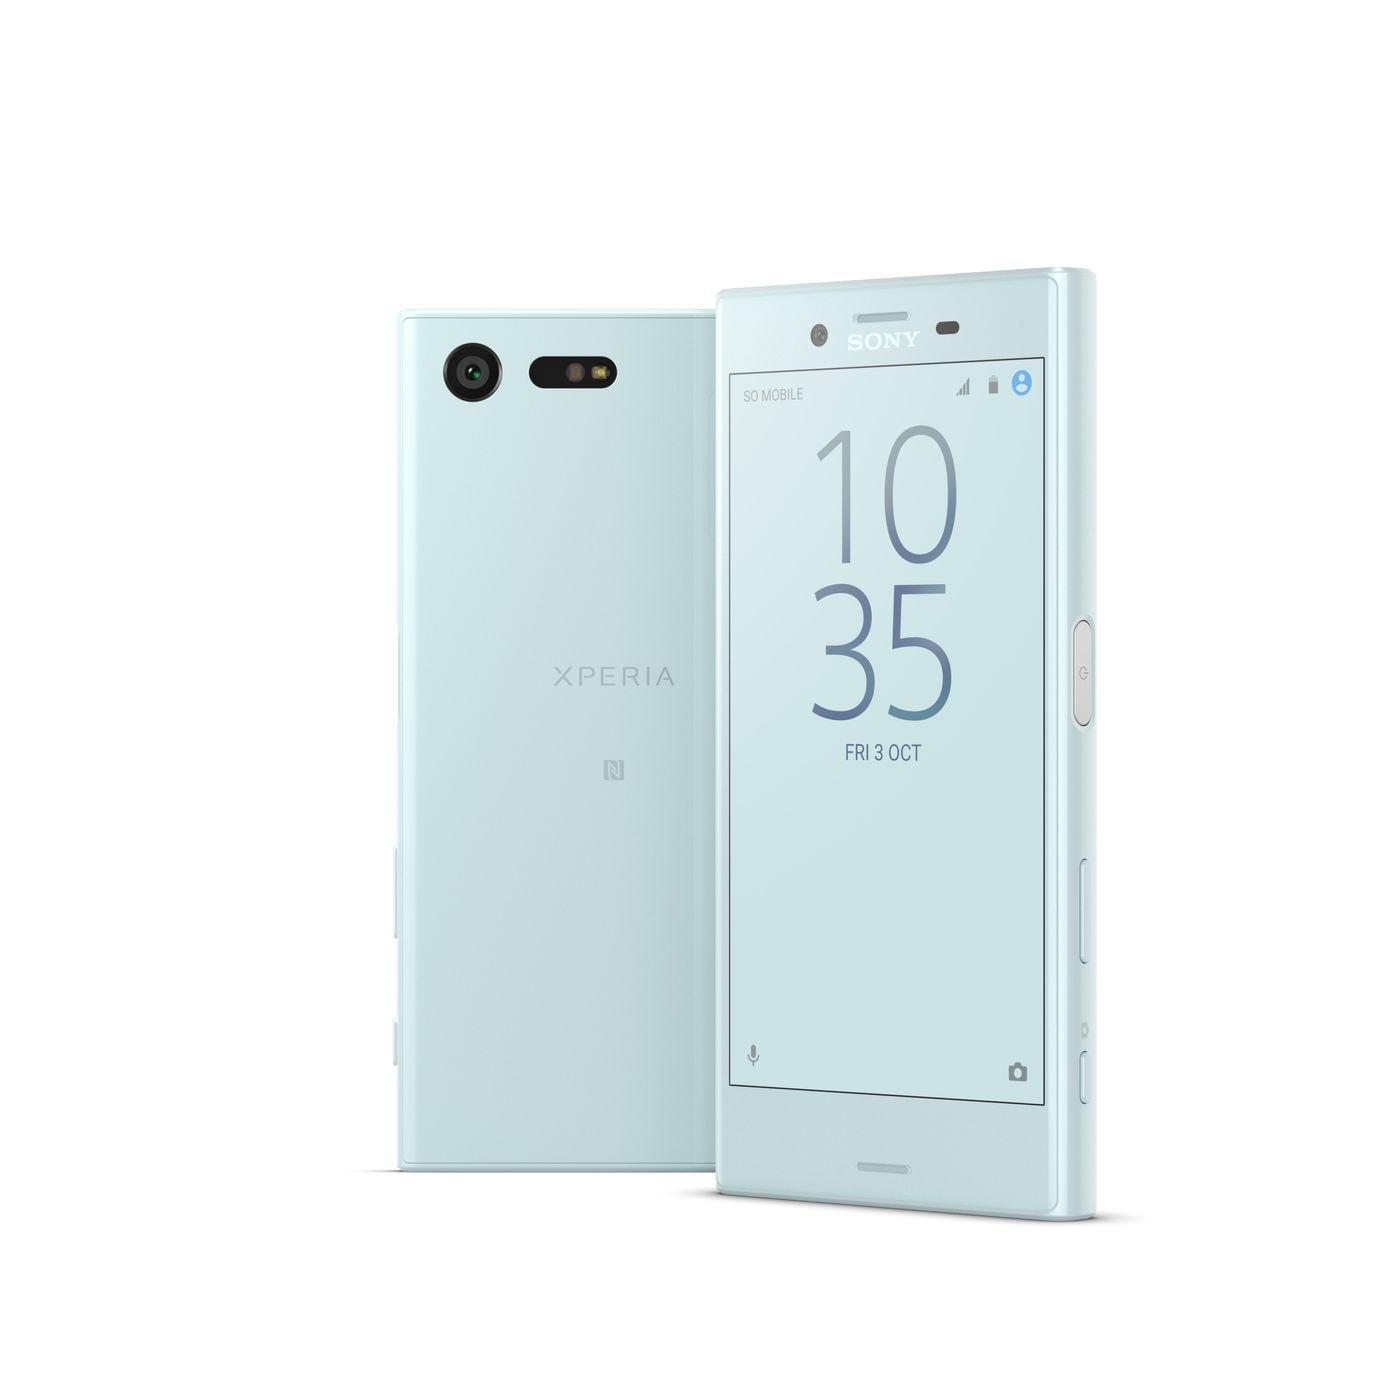 Sony Xperia X Compact: il re degli smartphone compatti è tornato, sarà qui per restare? (foto)